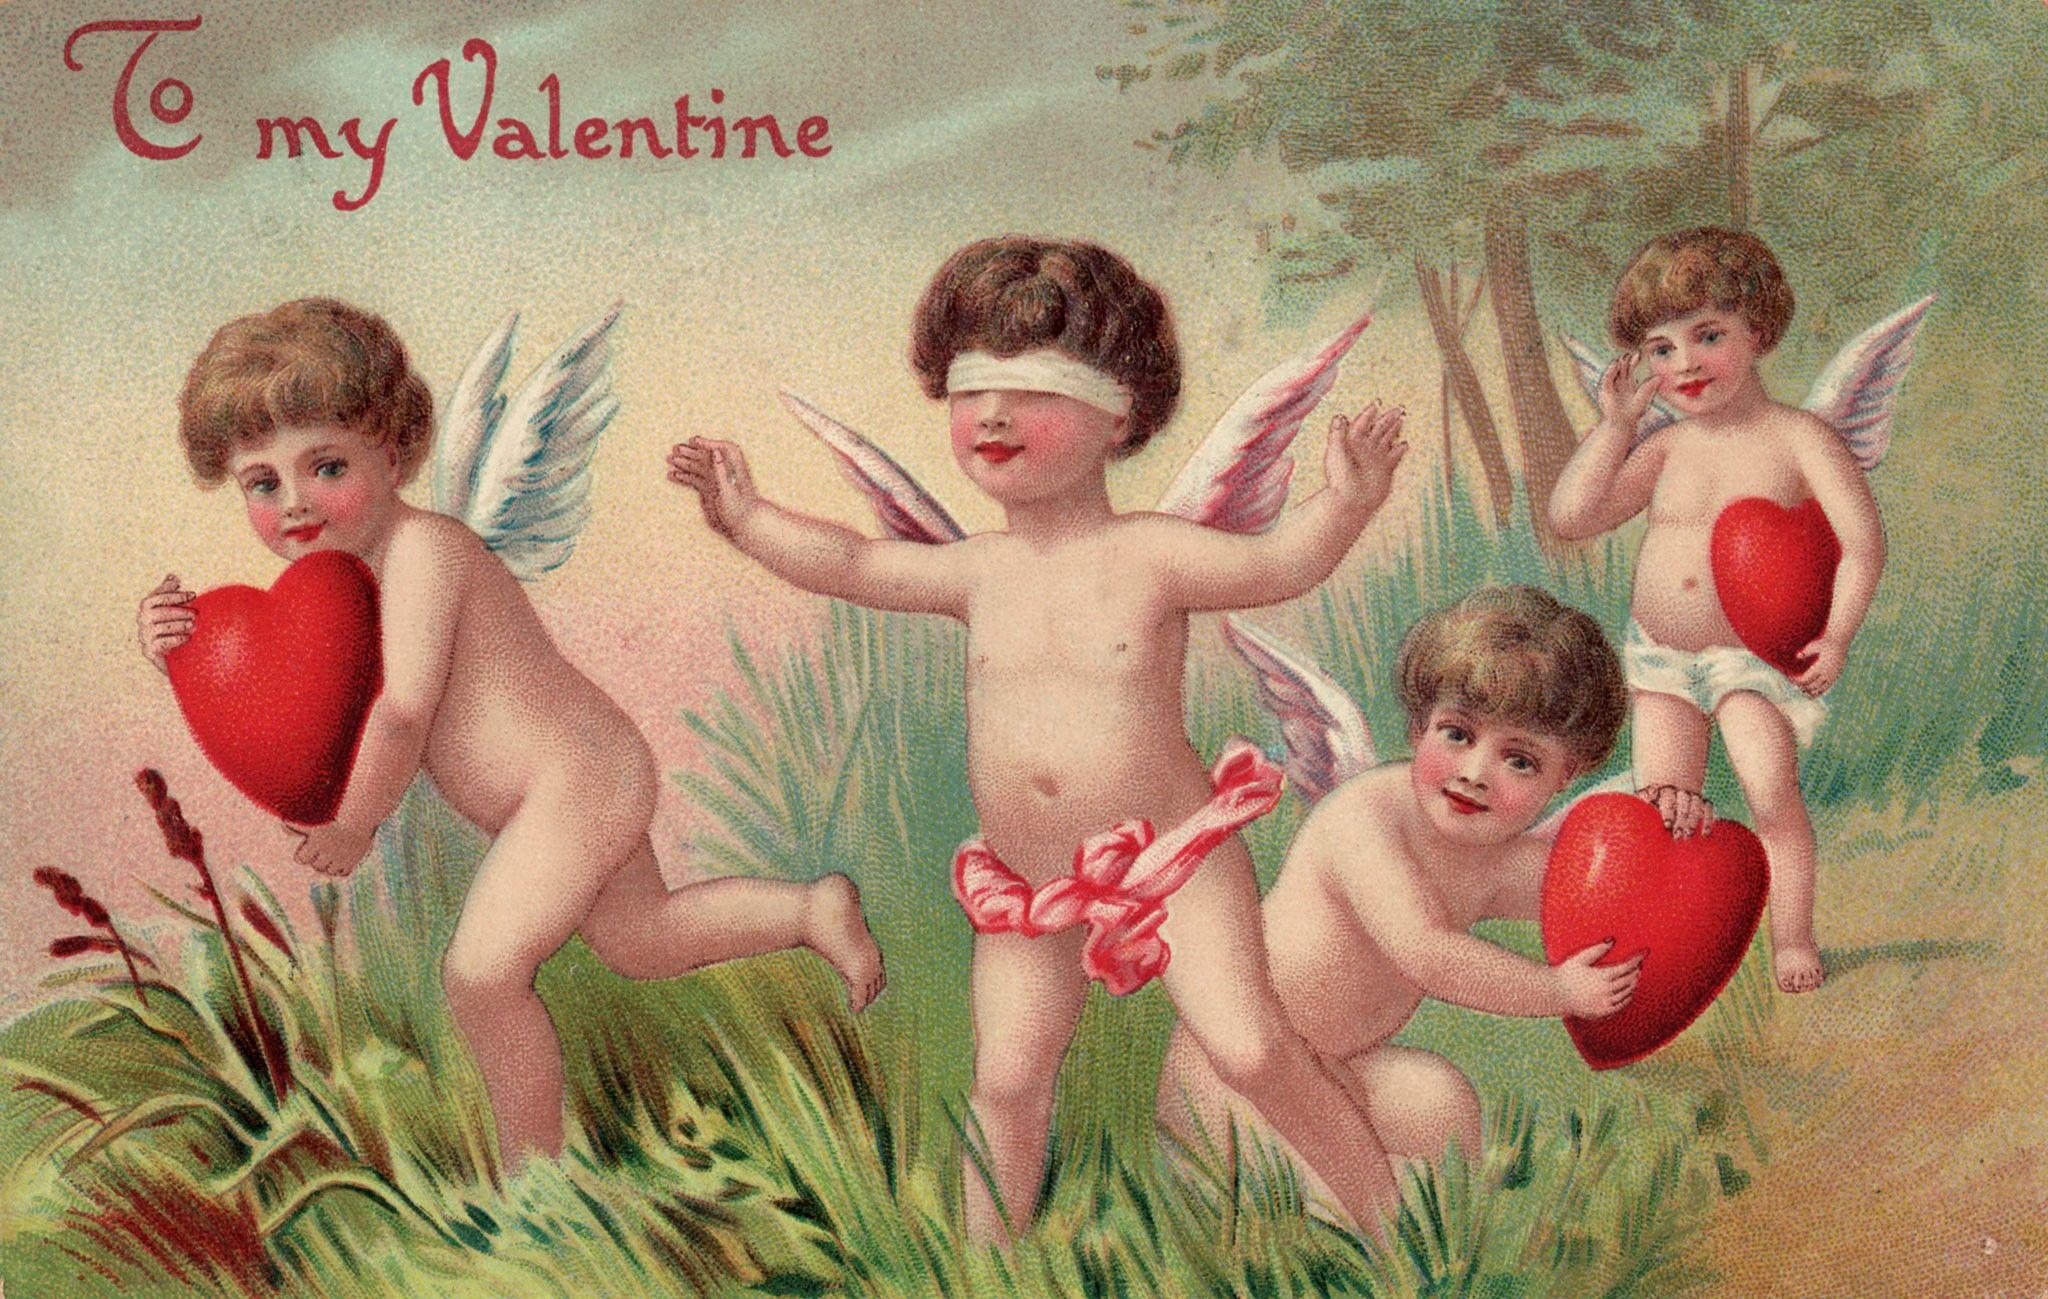 Valentine's Day wasn't always about love